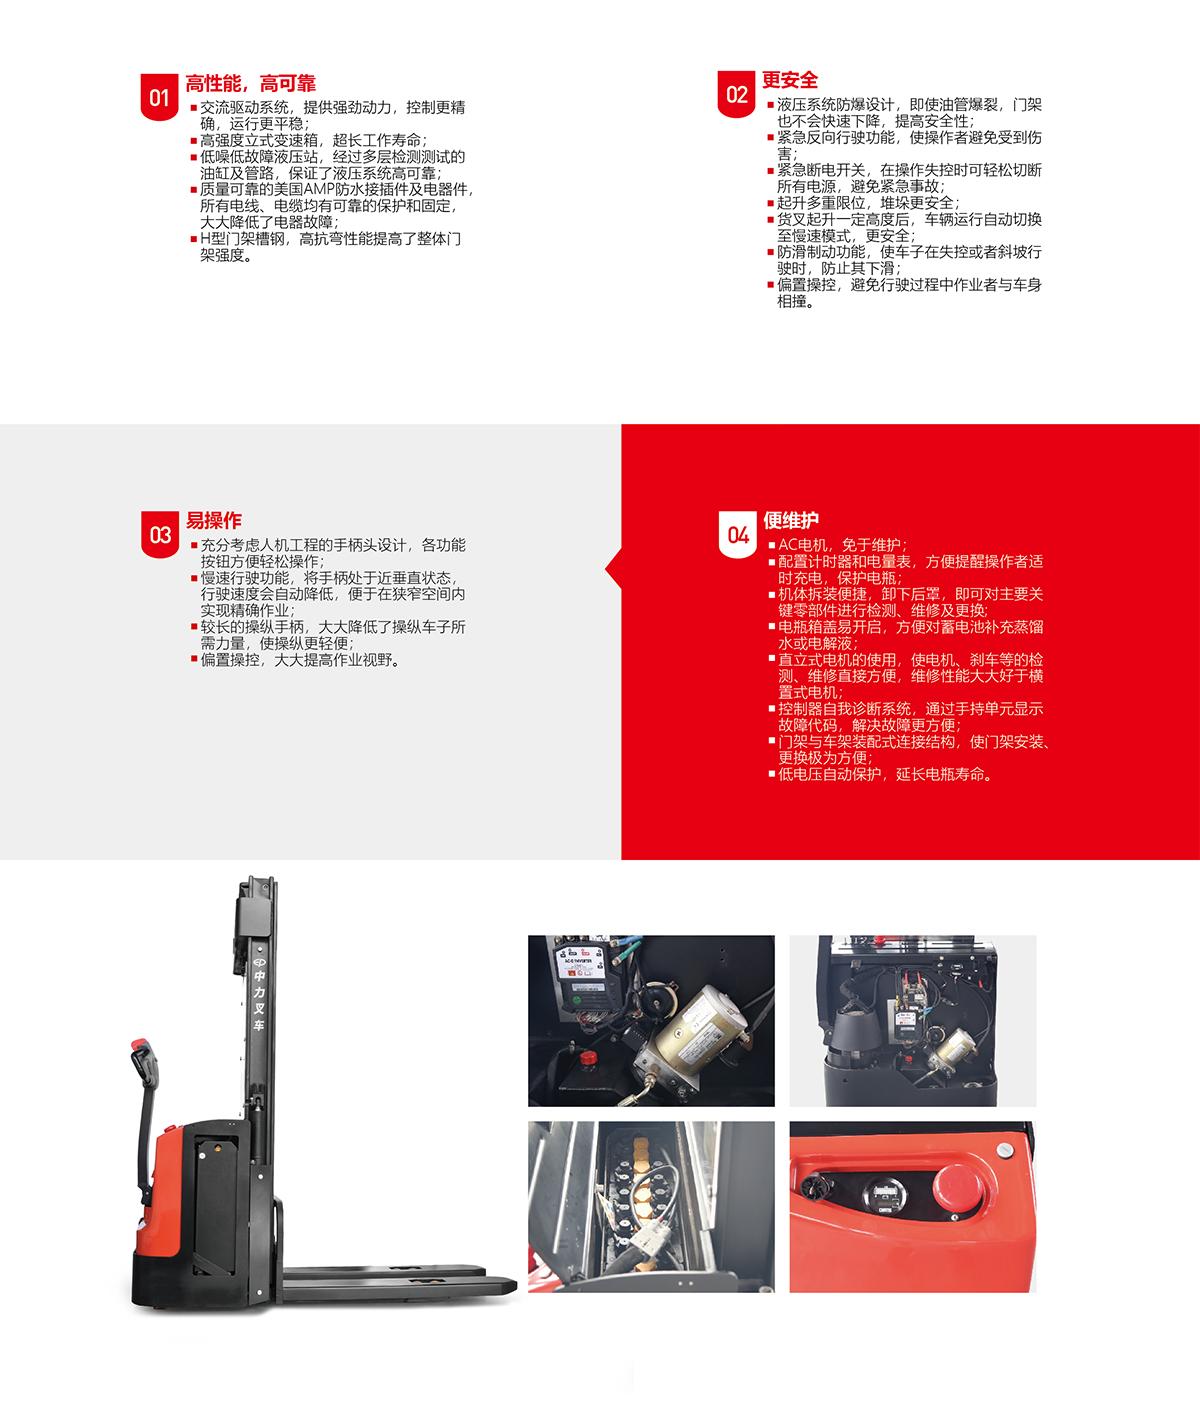 中力 1.2/1.4/1.6吨电动堆高车 ES12-12WA/ES14-14WA/ES16-16WA